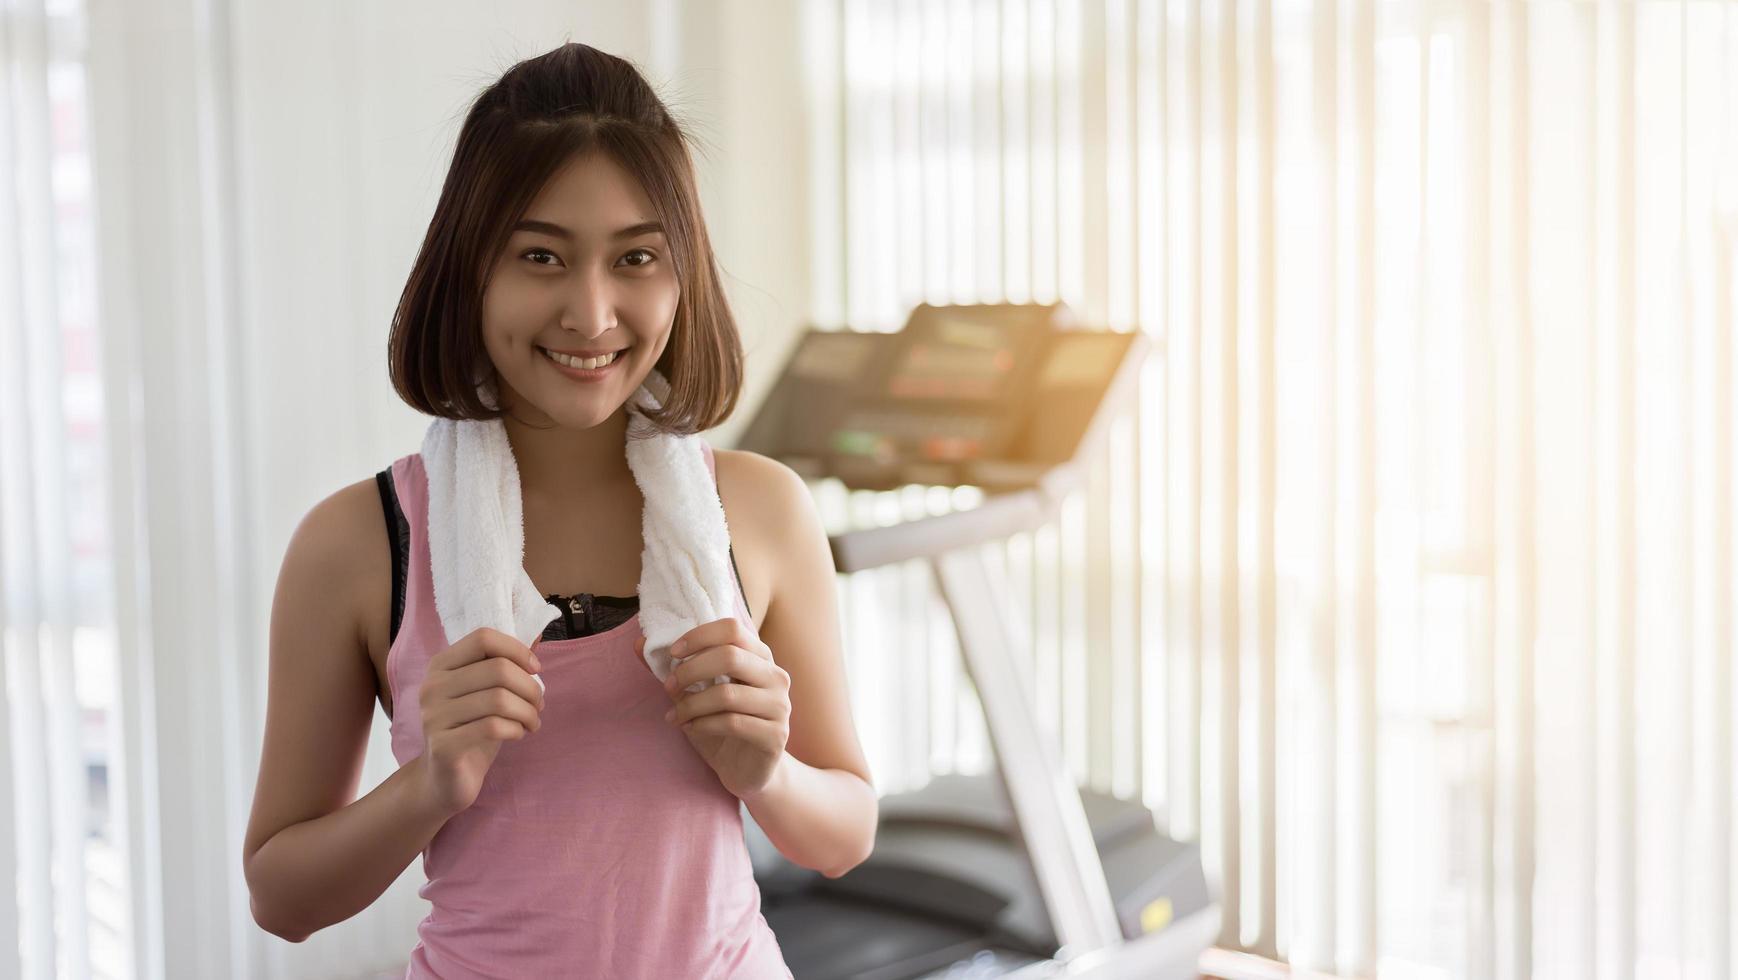 kvinna framför löpbandet på gymmet foto